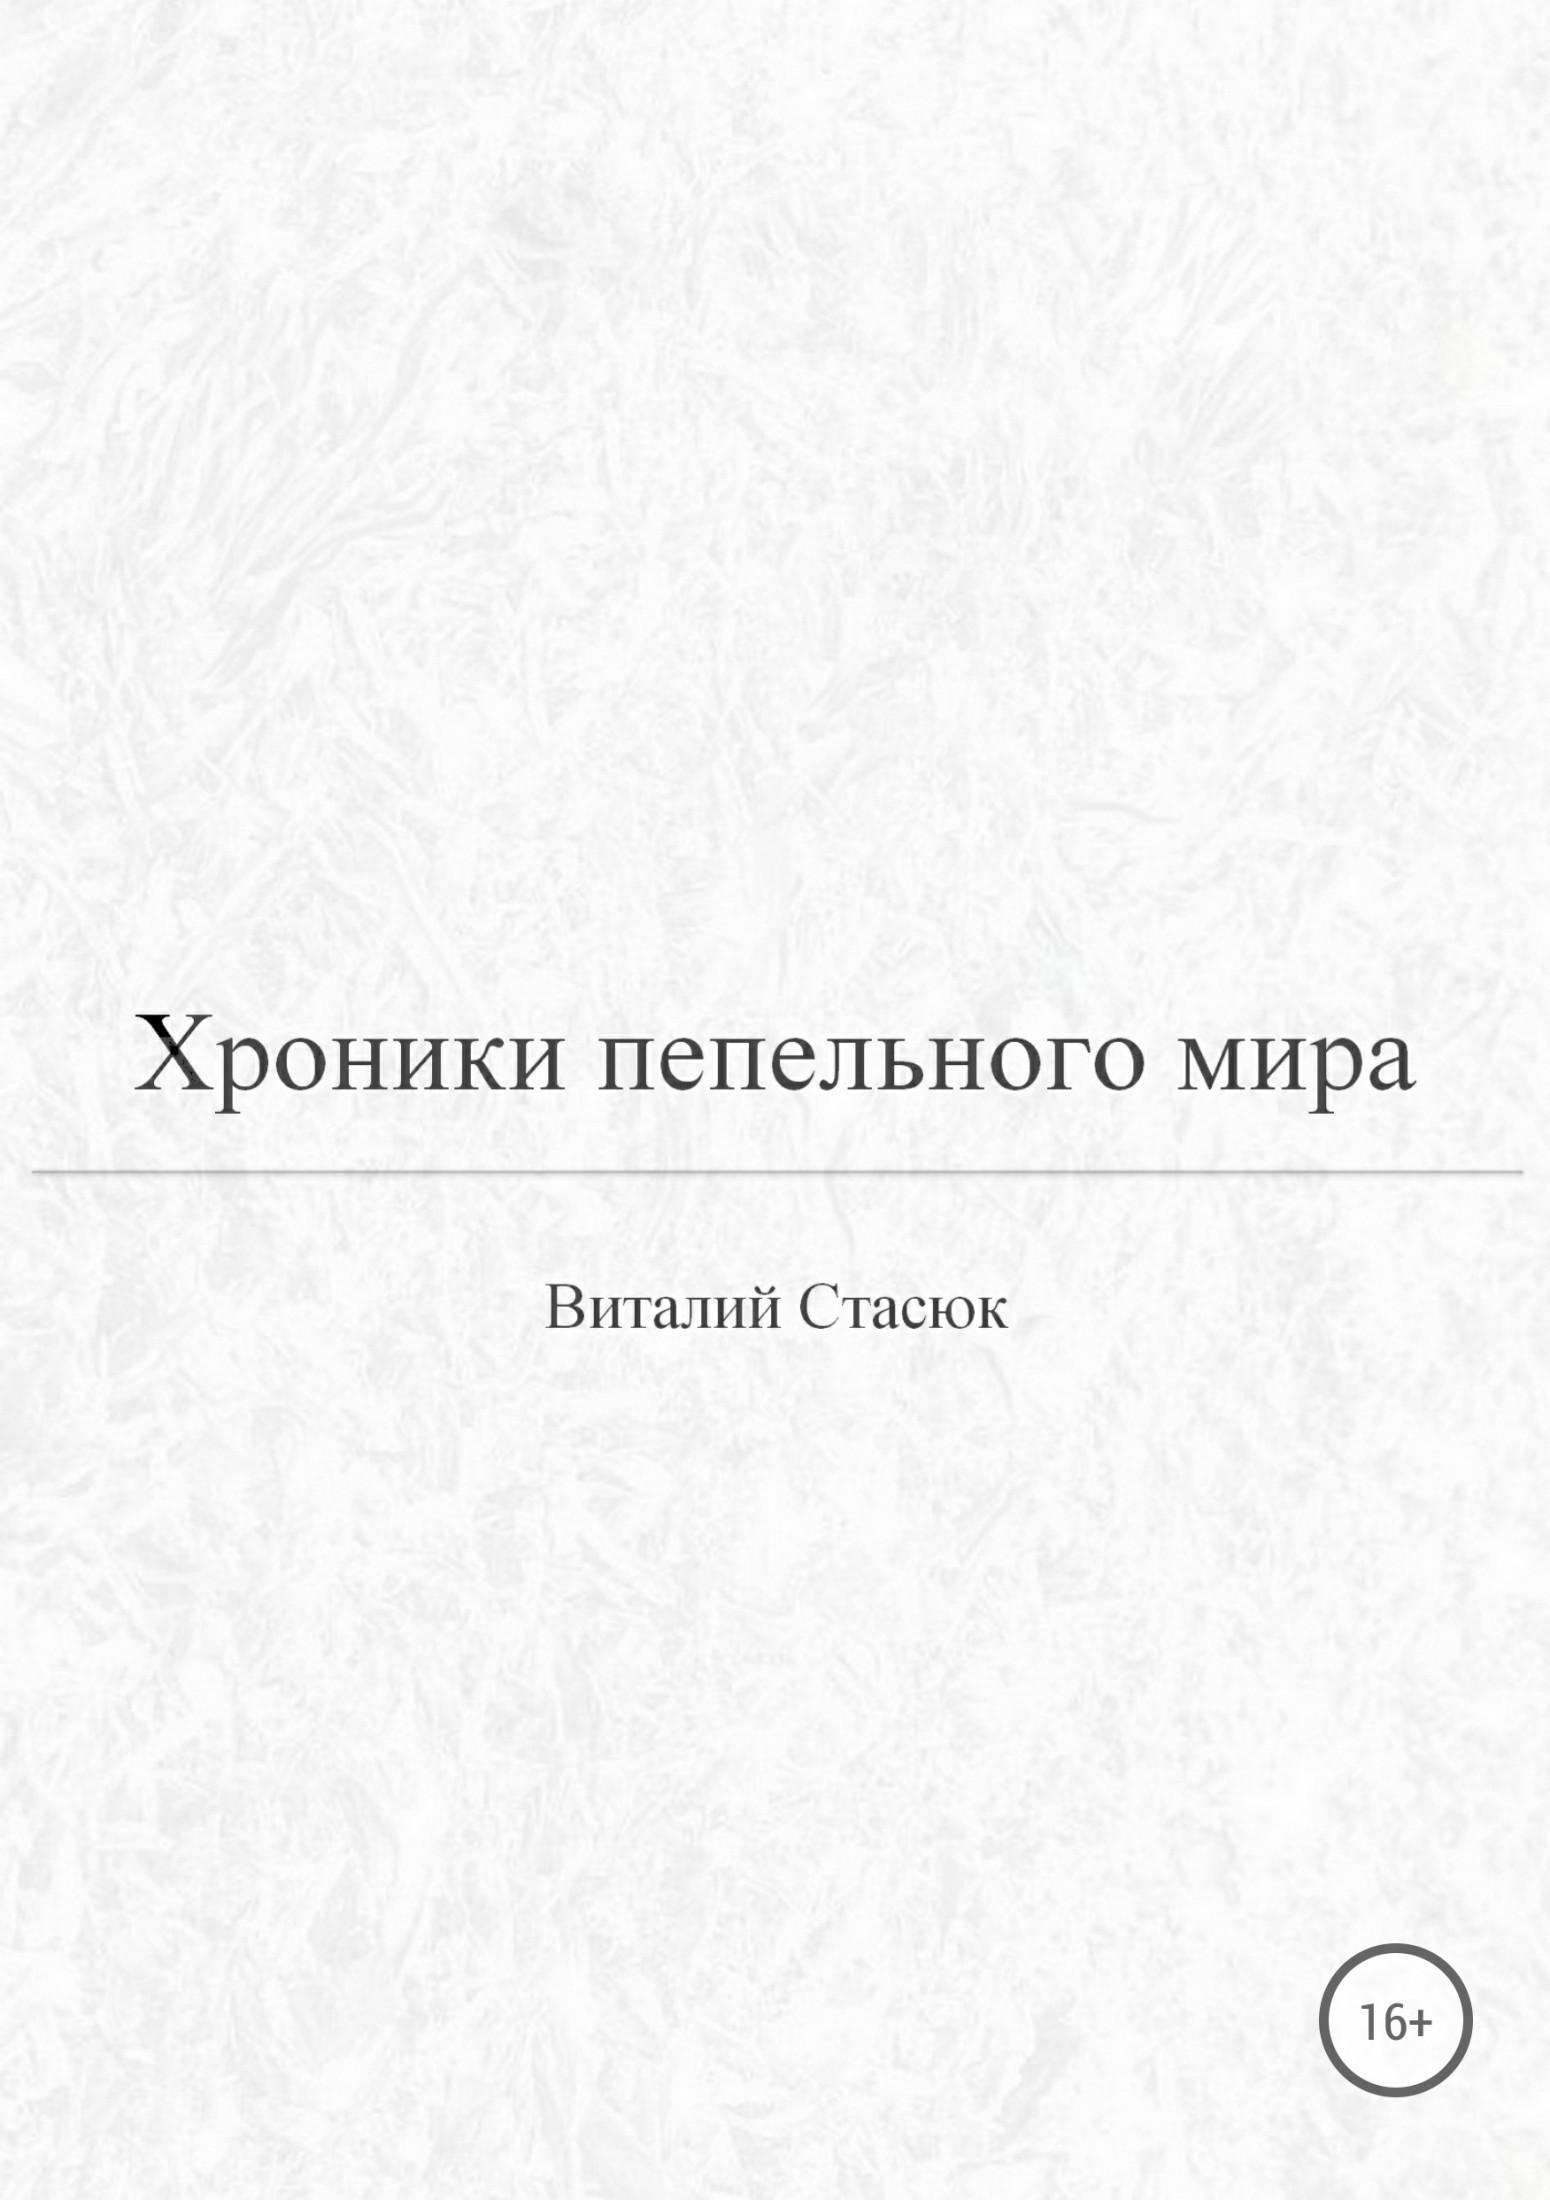 Виталий Викторович Стасюк. Хроники пепельного мира